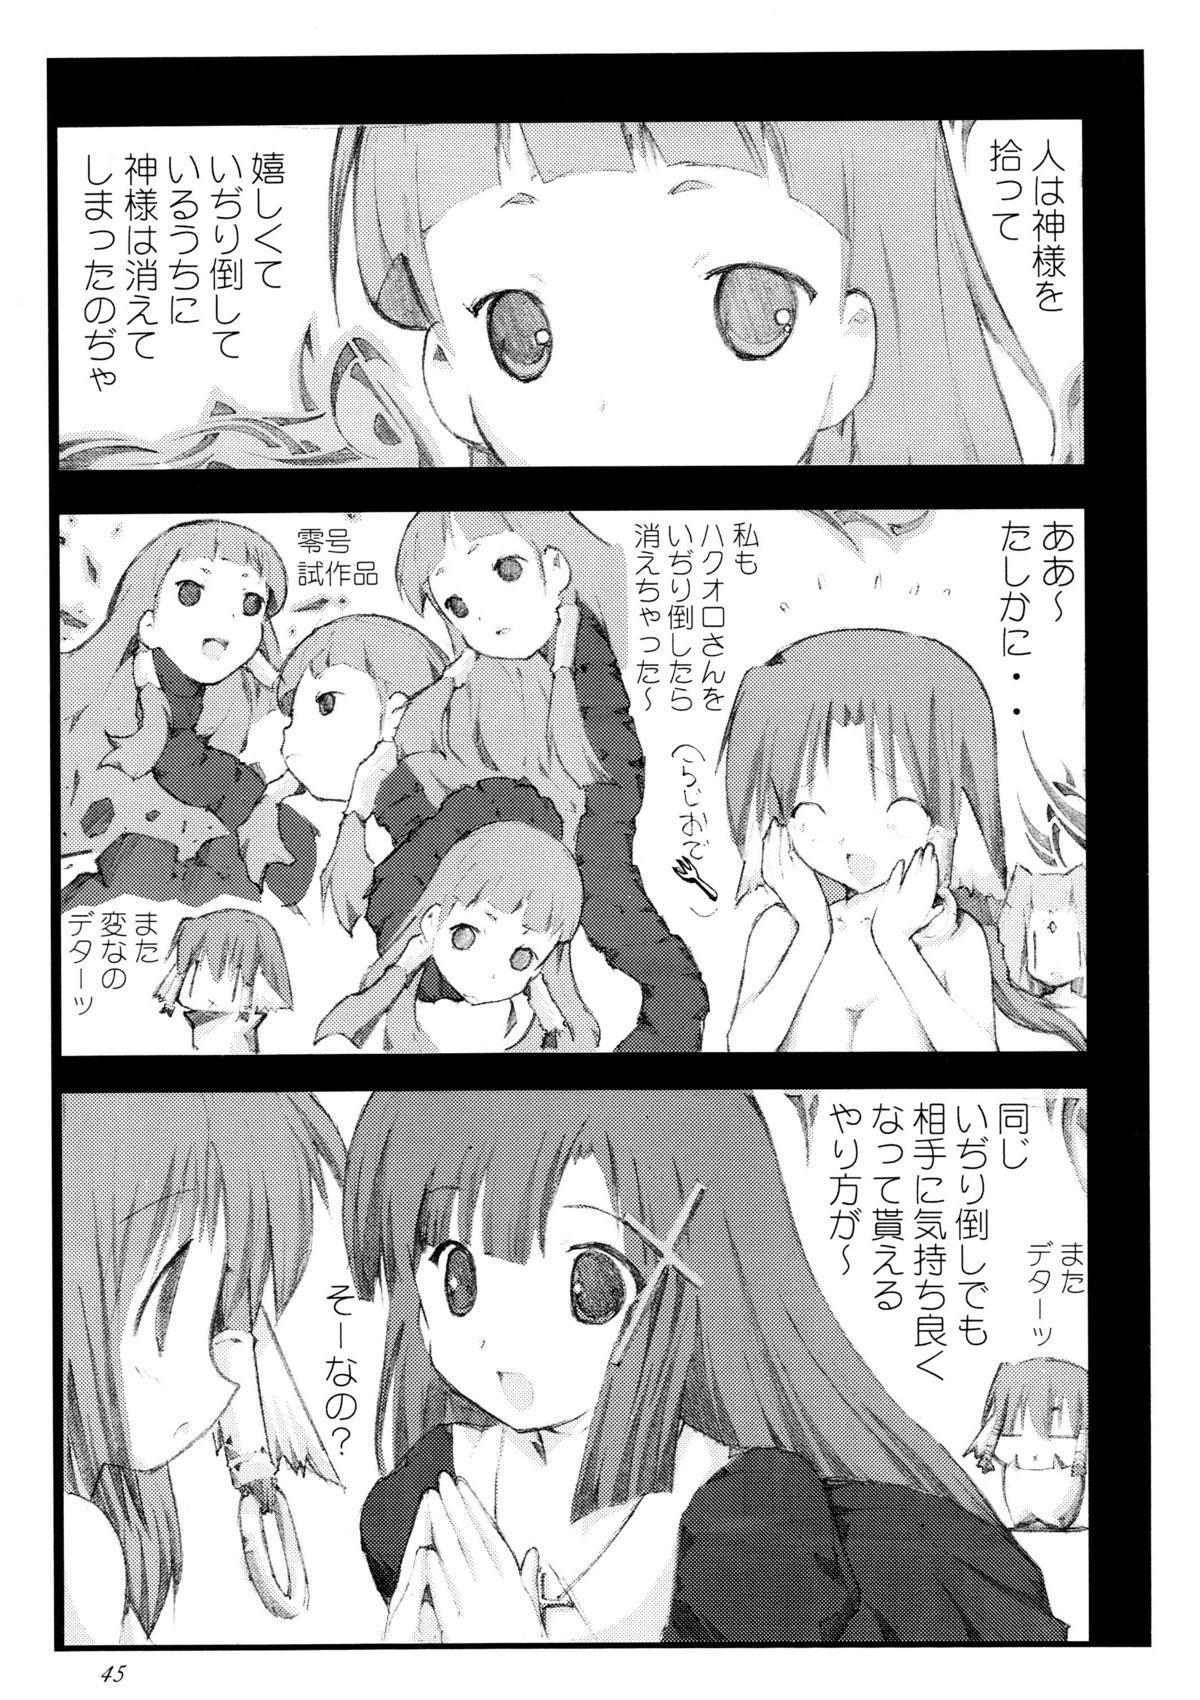 Kamisama Megaton Punch 11 43